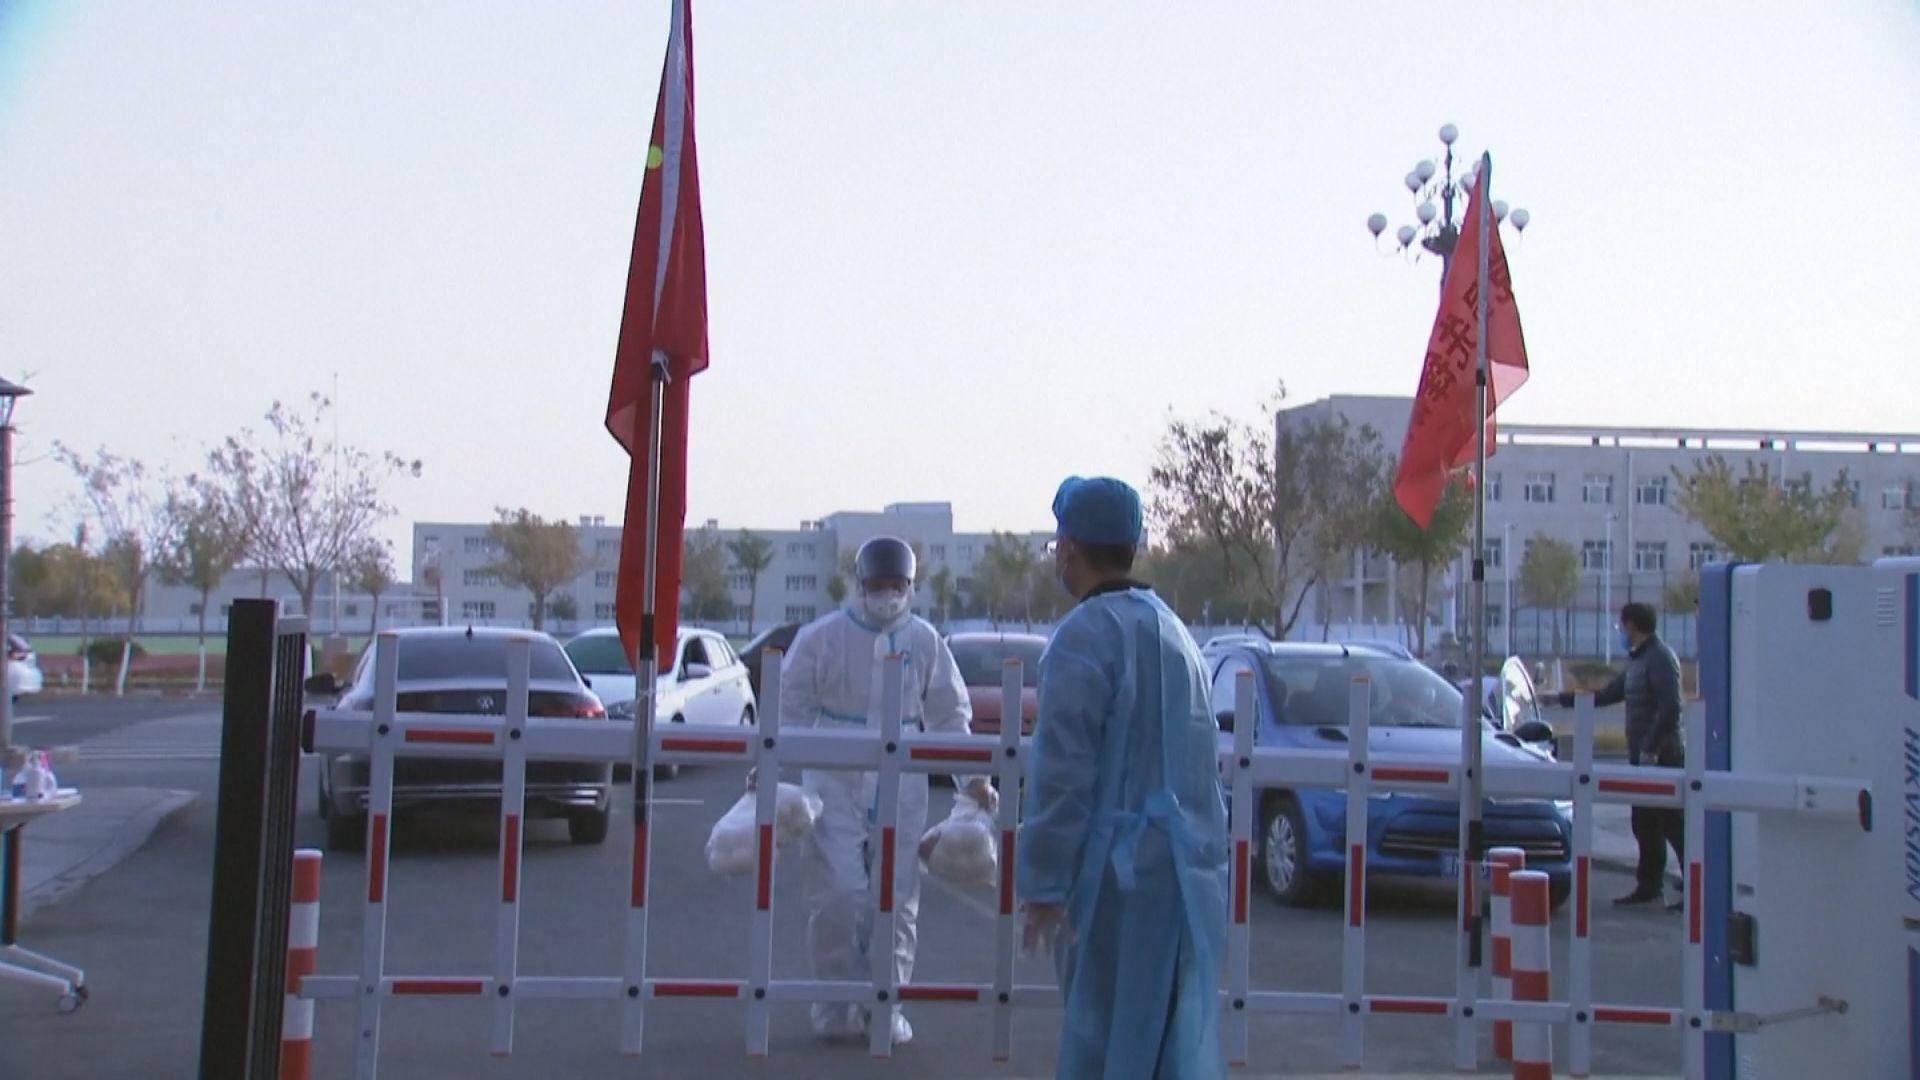 內蒙古官員向滯留旅客致歉 各景區贈送門票三年內可到訪